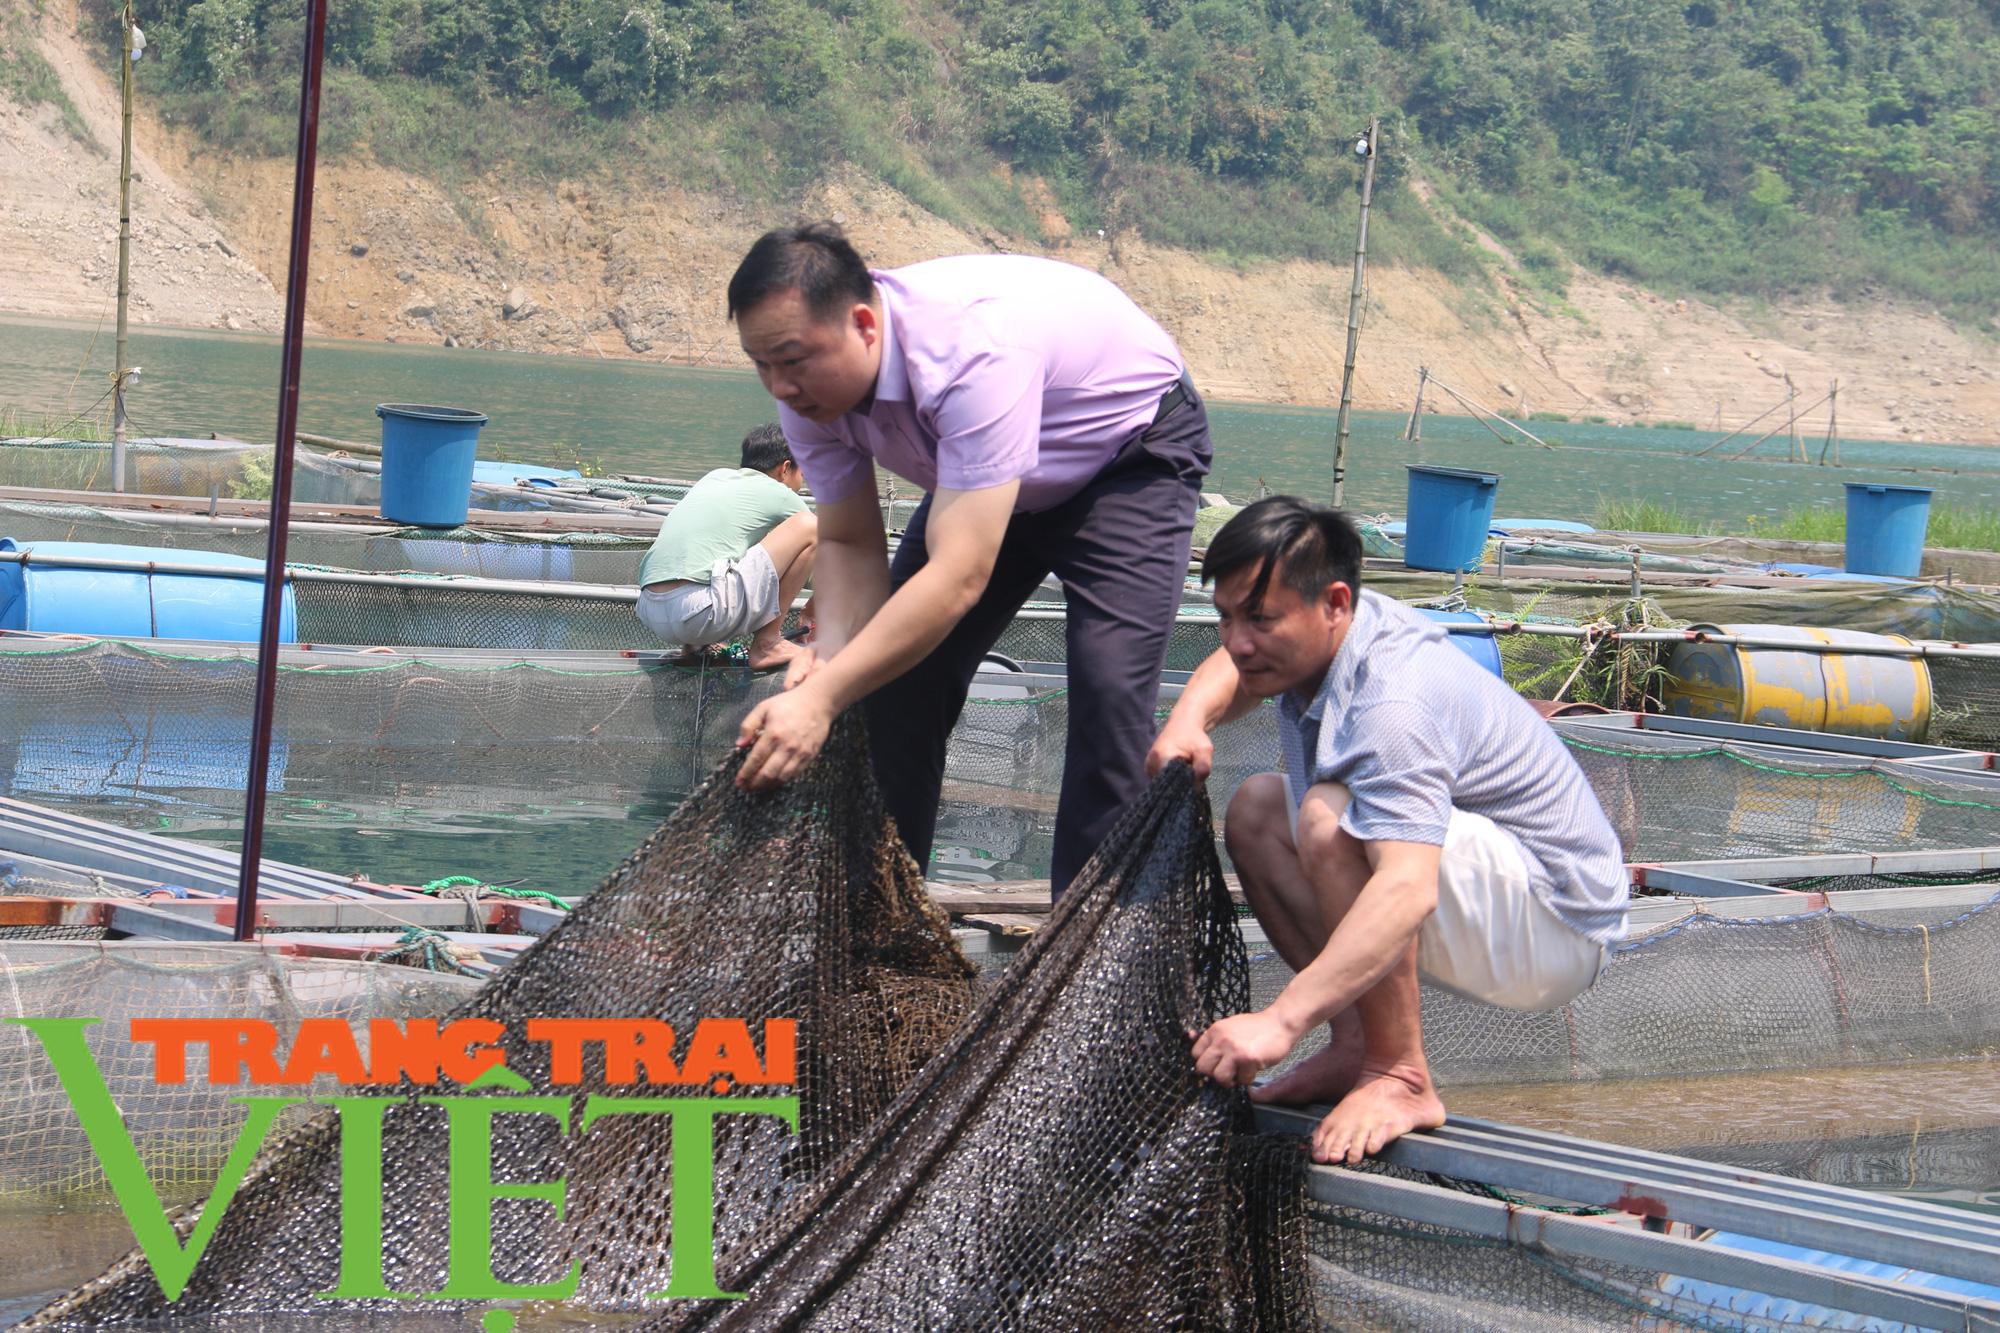 Hòa Bình: Phát huy tiềm năng thế mạnh nuôi cá lồng trên vùng lòng hồ - Ảnh 3.